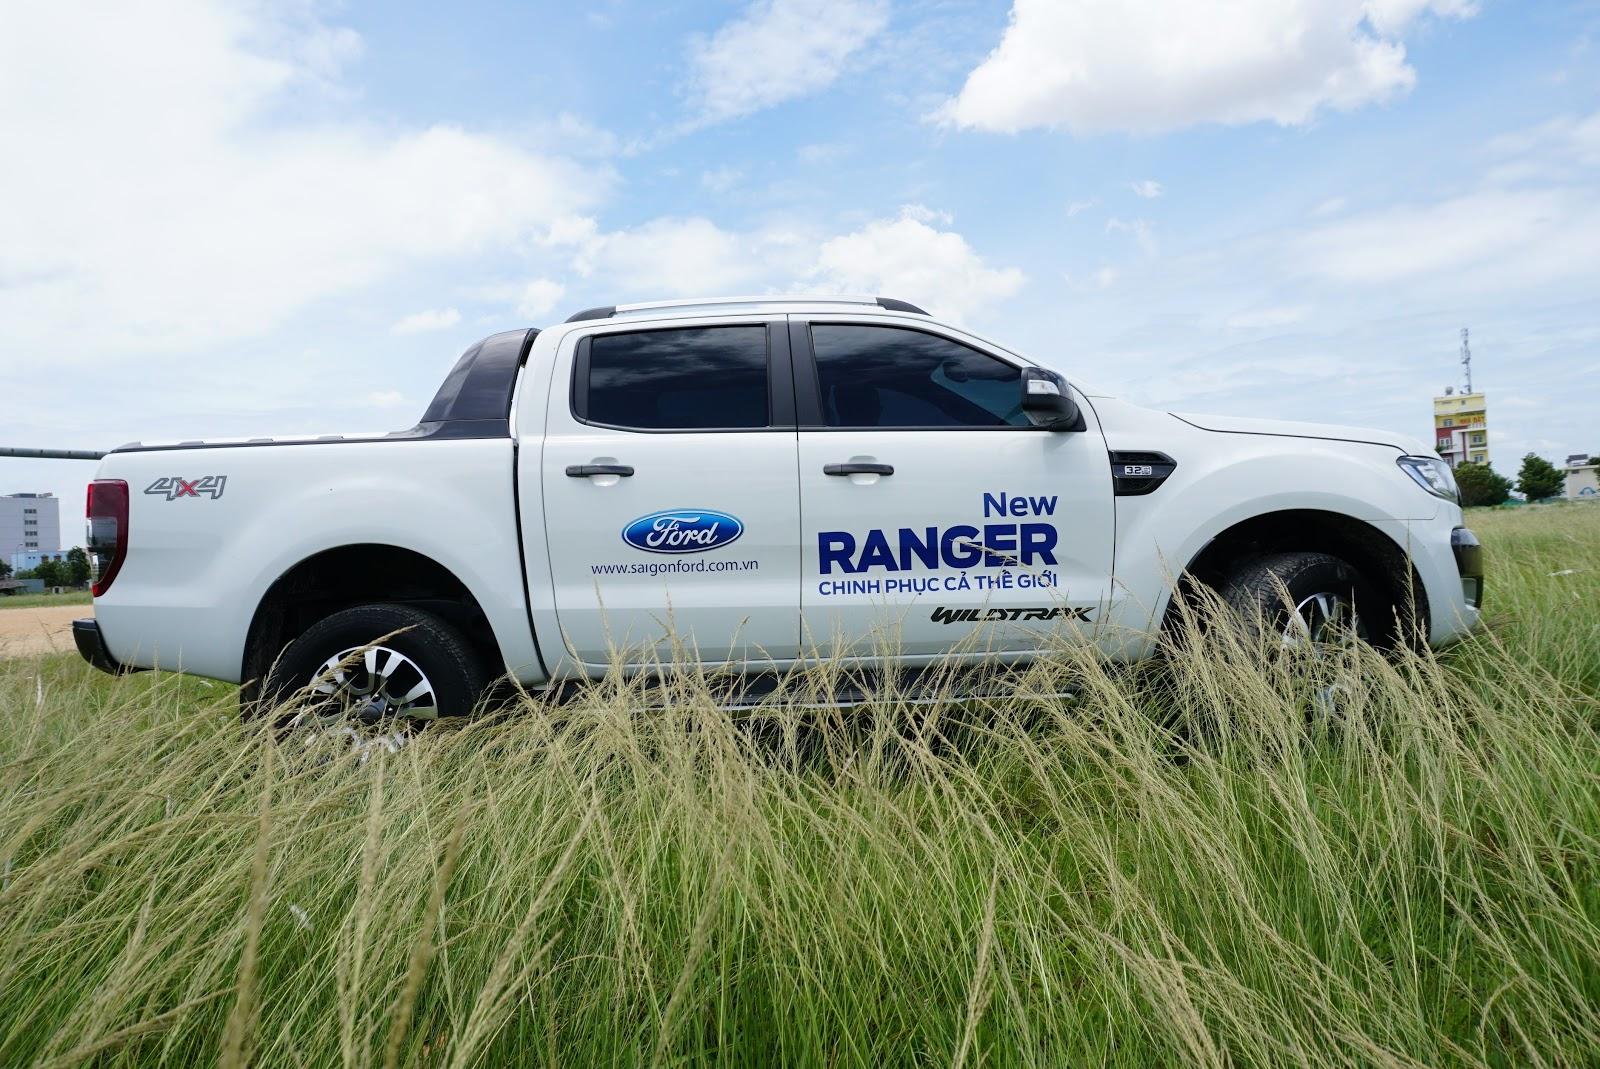 Ford Ranger Wildtrak là một chiếc bán tải thông minh, tuyệt đẹp và tràn đầy sức mạnh